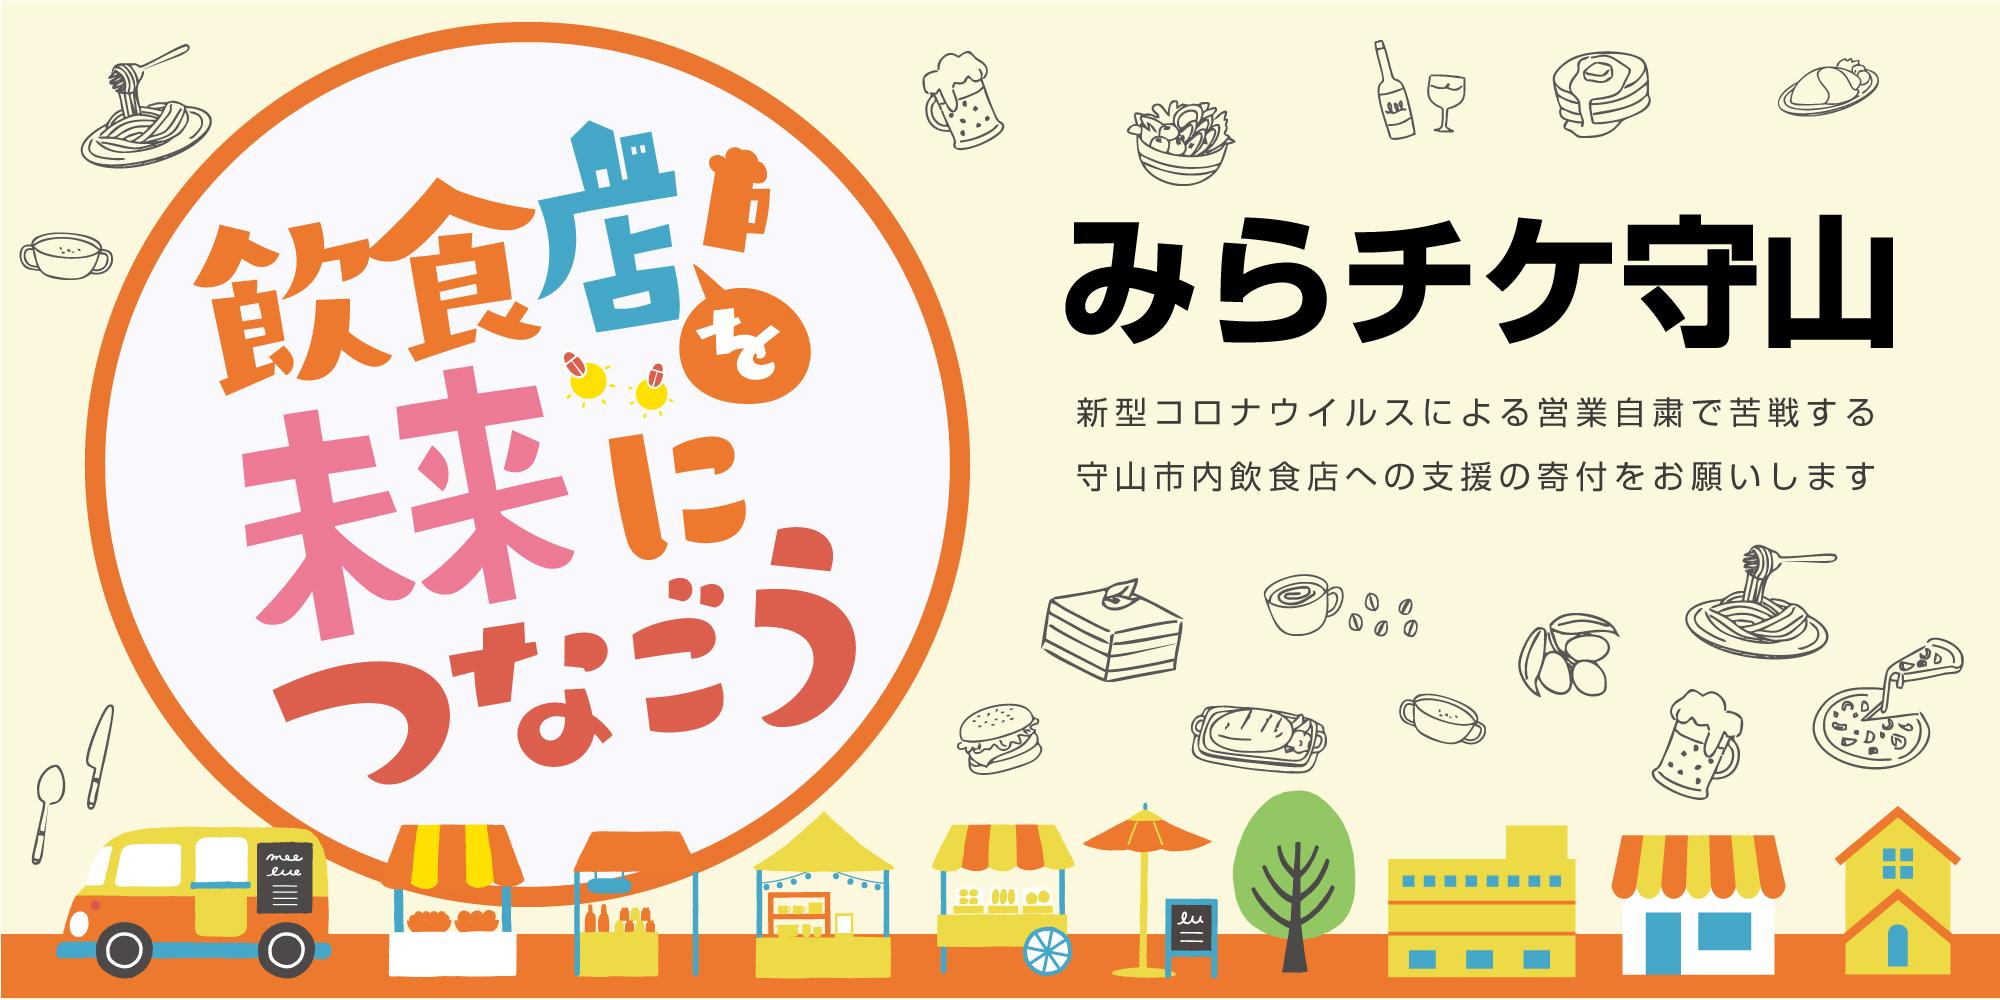 【みらチケ守山】守山市内飲食店緊急支援プロジェクト